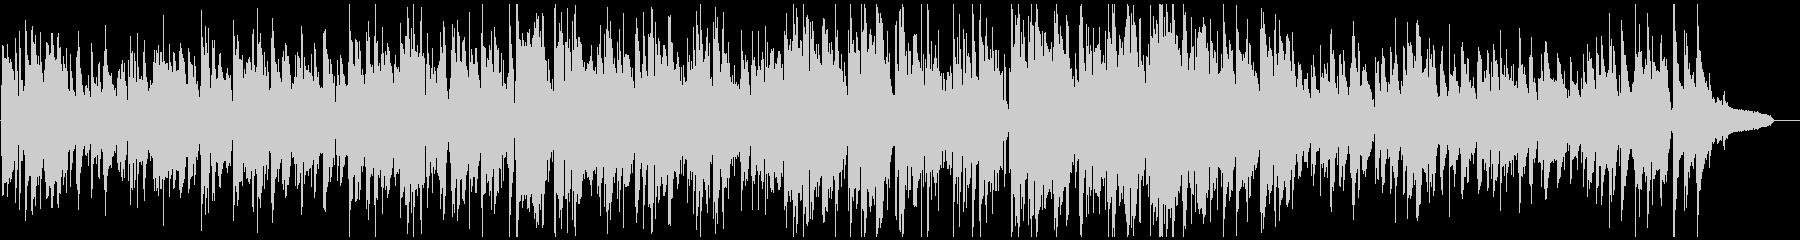 ほんわかサックスのアコースティックジャズの未再生の波形